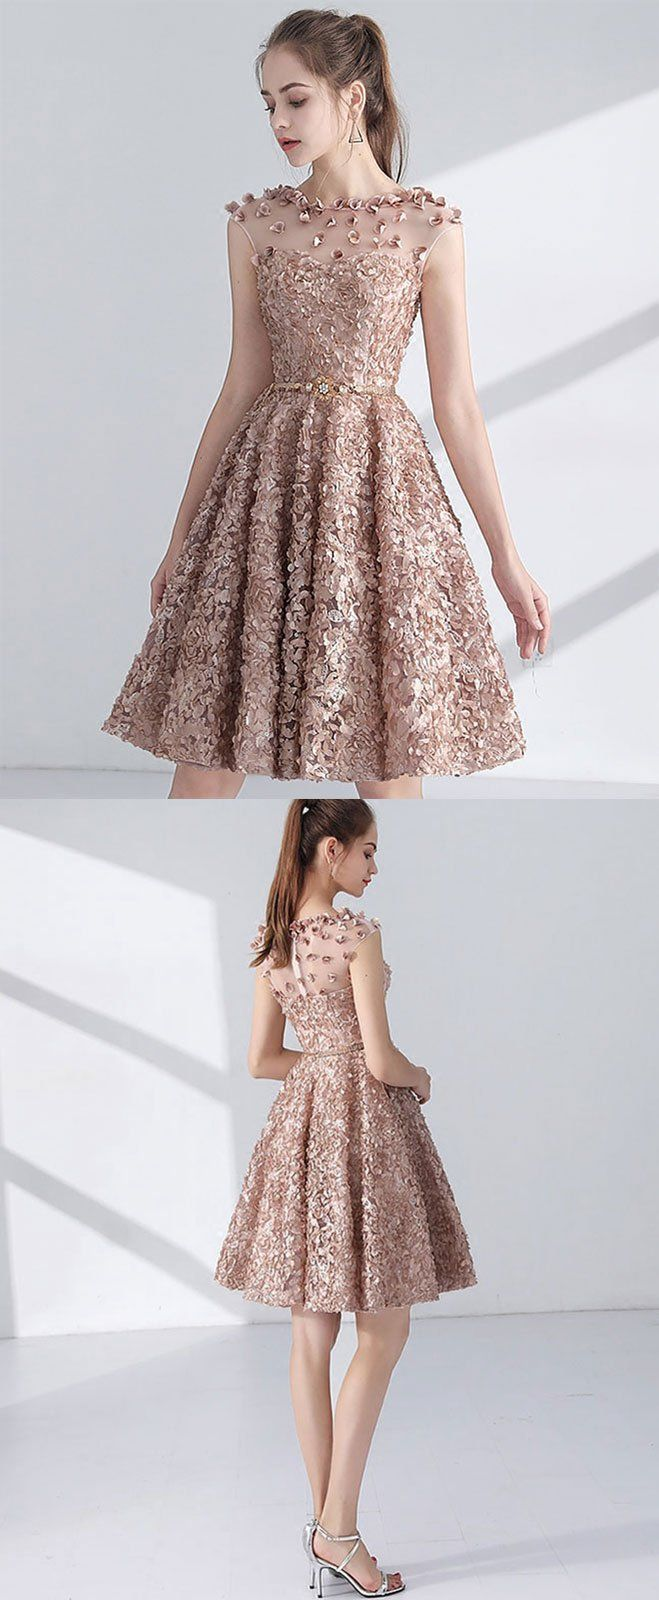 Cute A line short prom dress, homecoming dress | Kleider und Kleidung